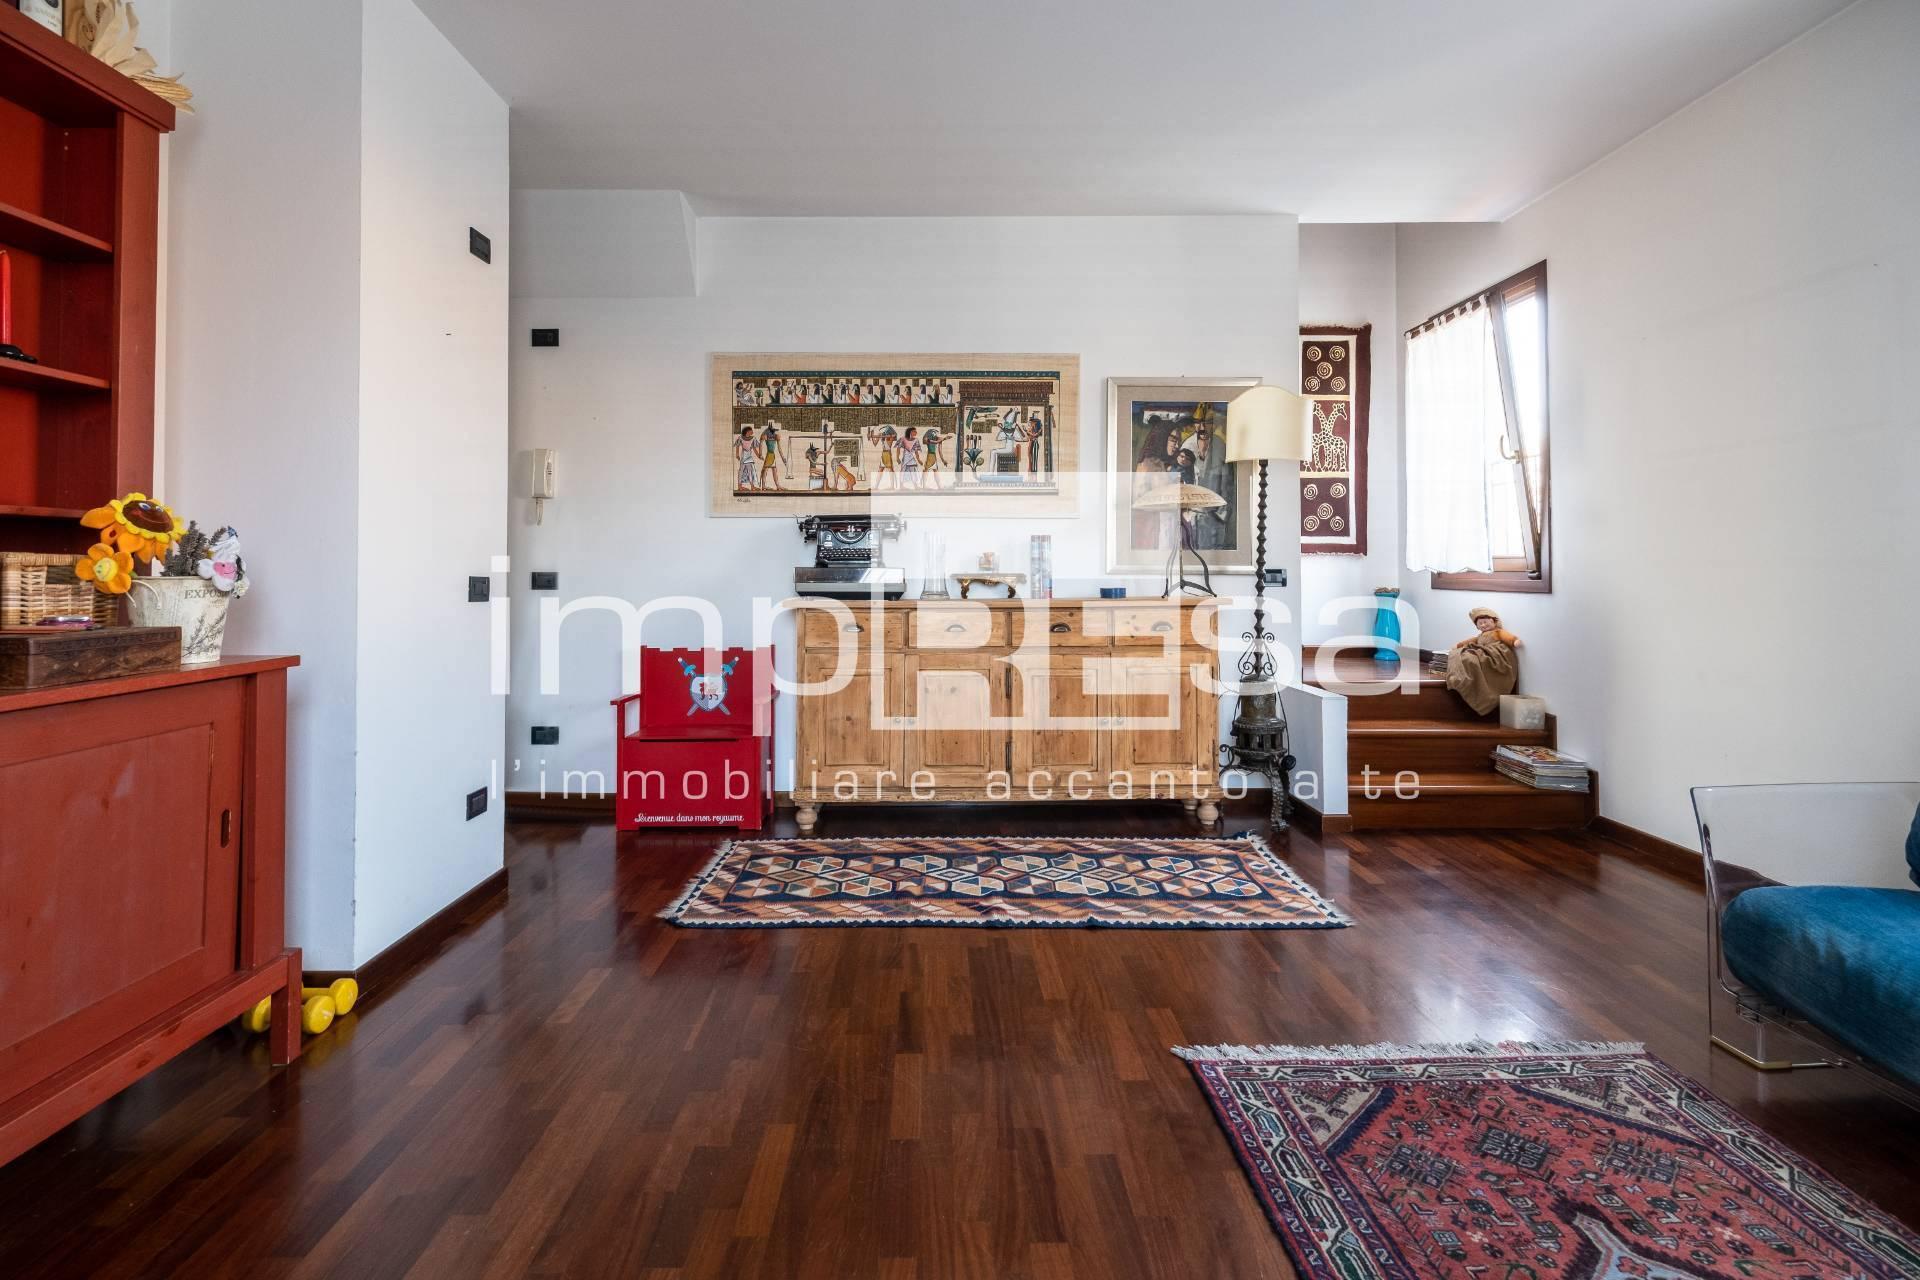 Appartamento in vendita a Preganziol, 7 locali, prezzo € 131.000 | CambioCasa.it